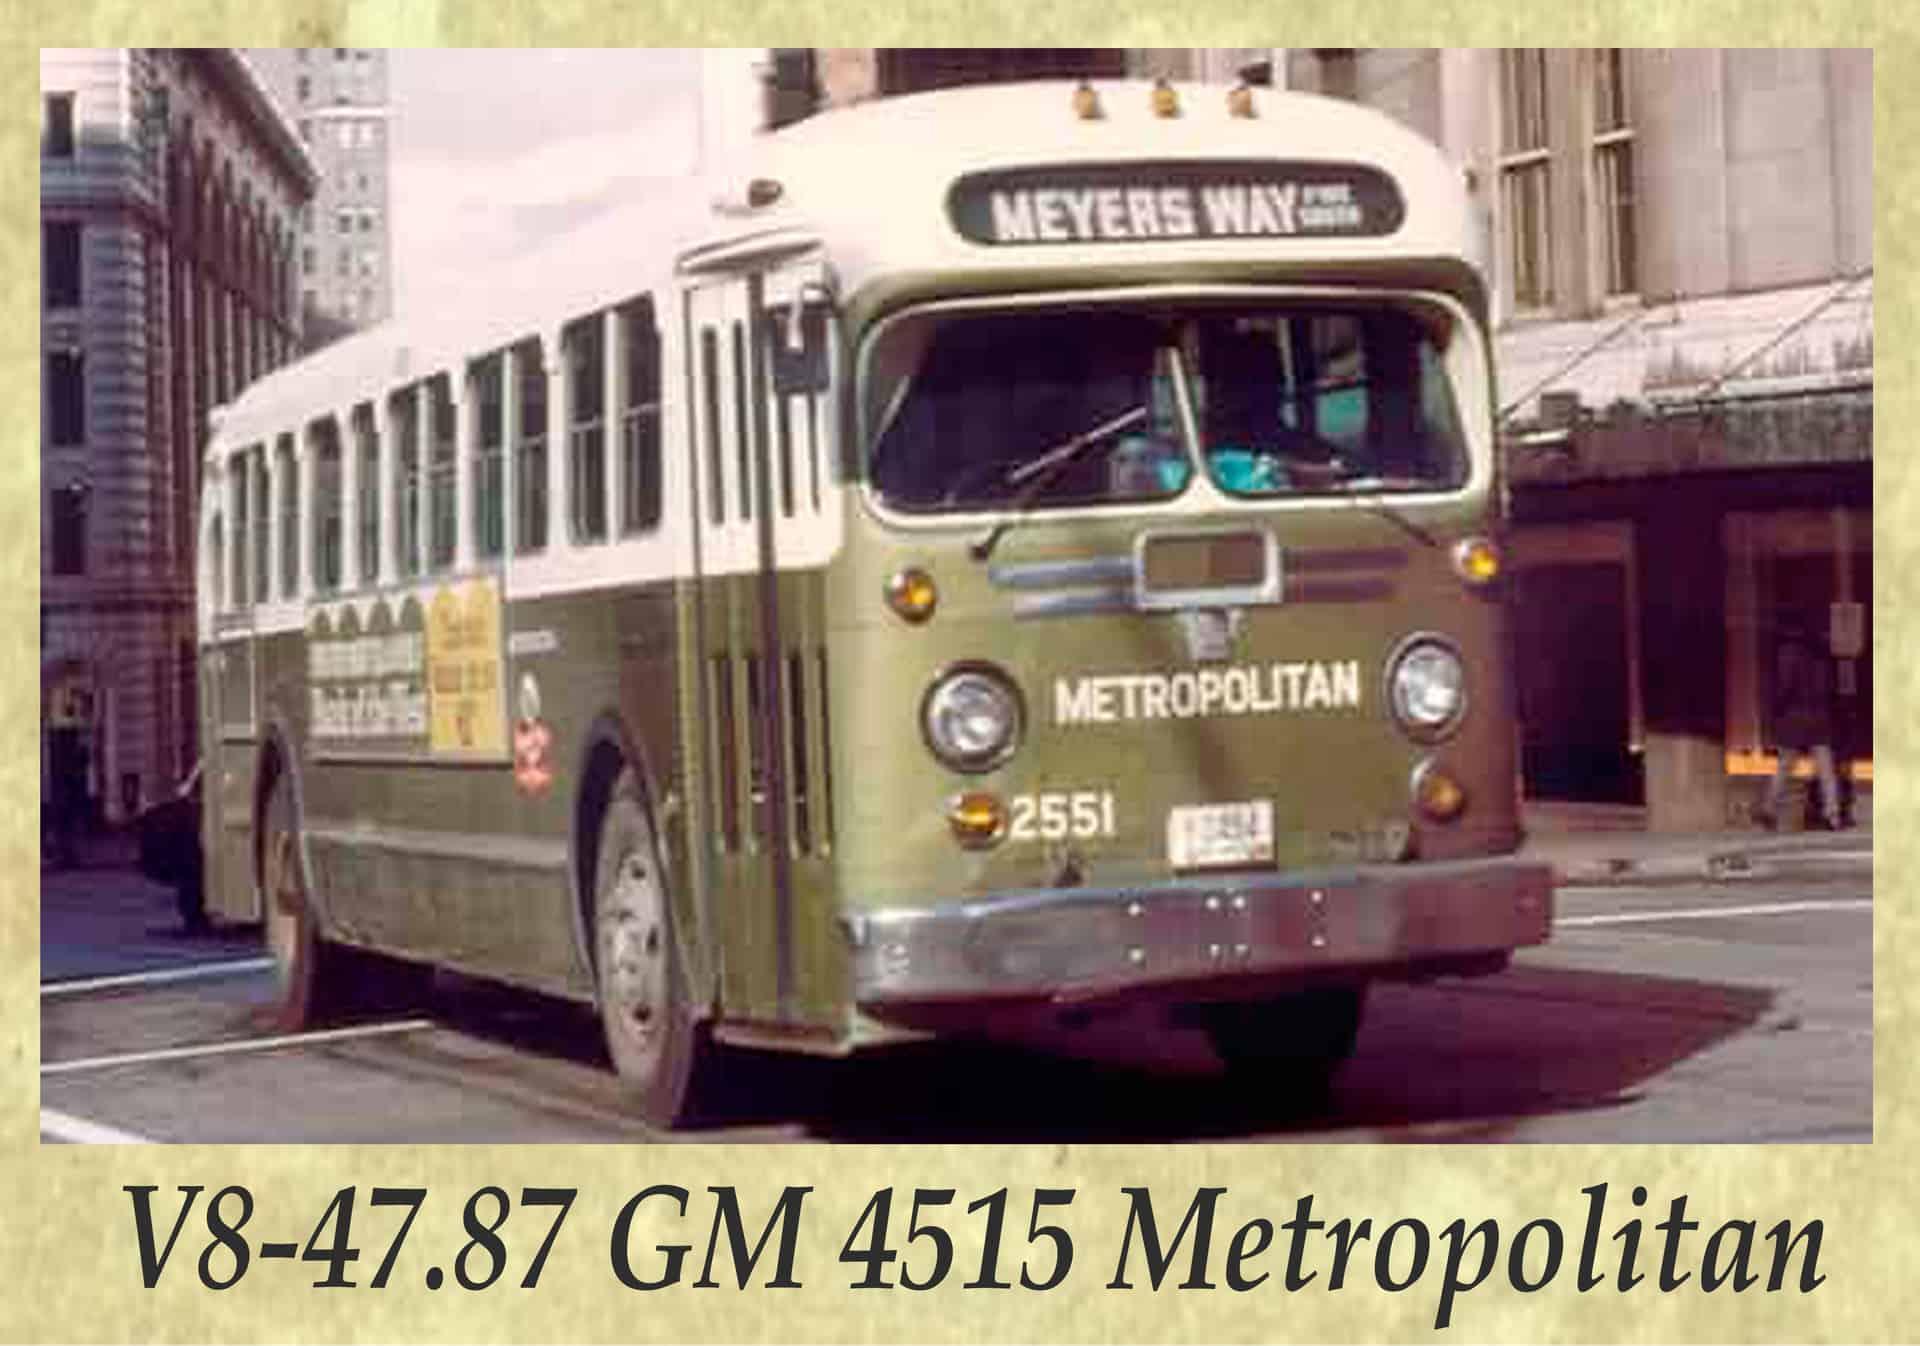 V8-47.87 GM 4515 Metropolitan